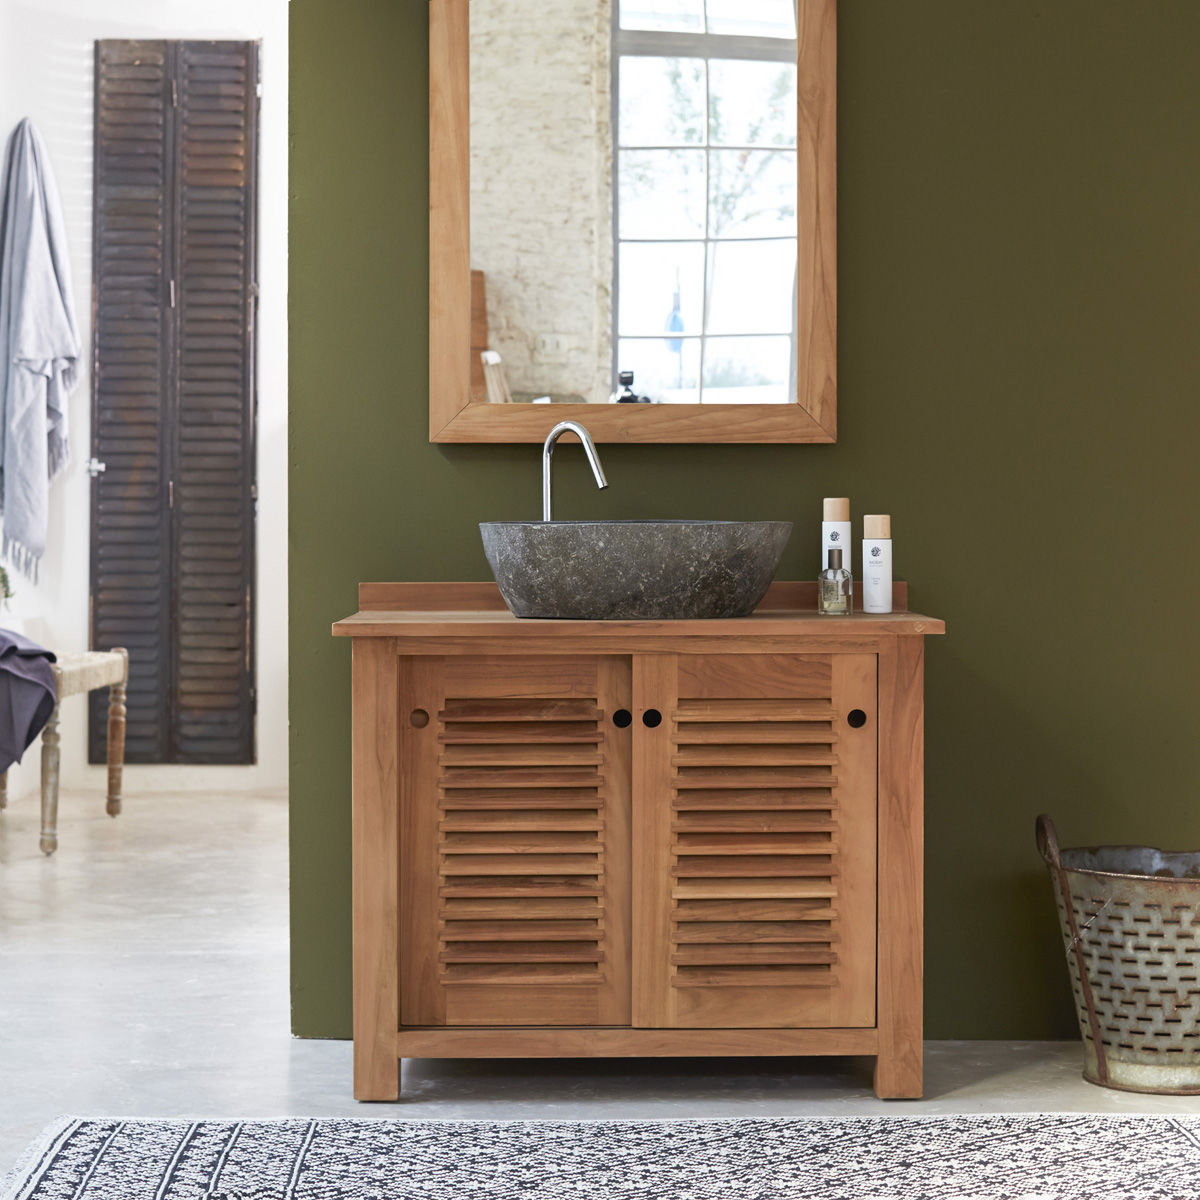 Meuble bois salle de bain pas cher